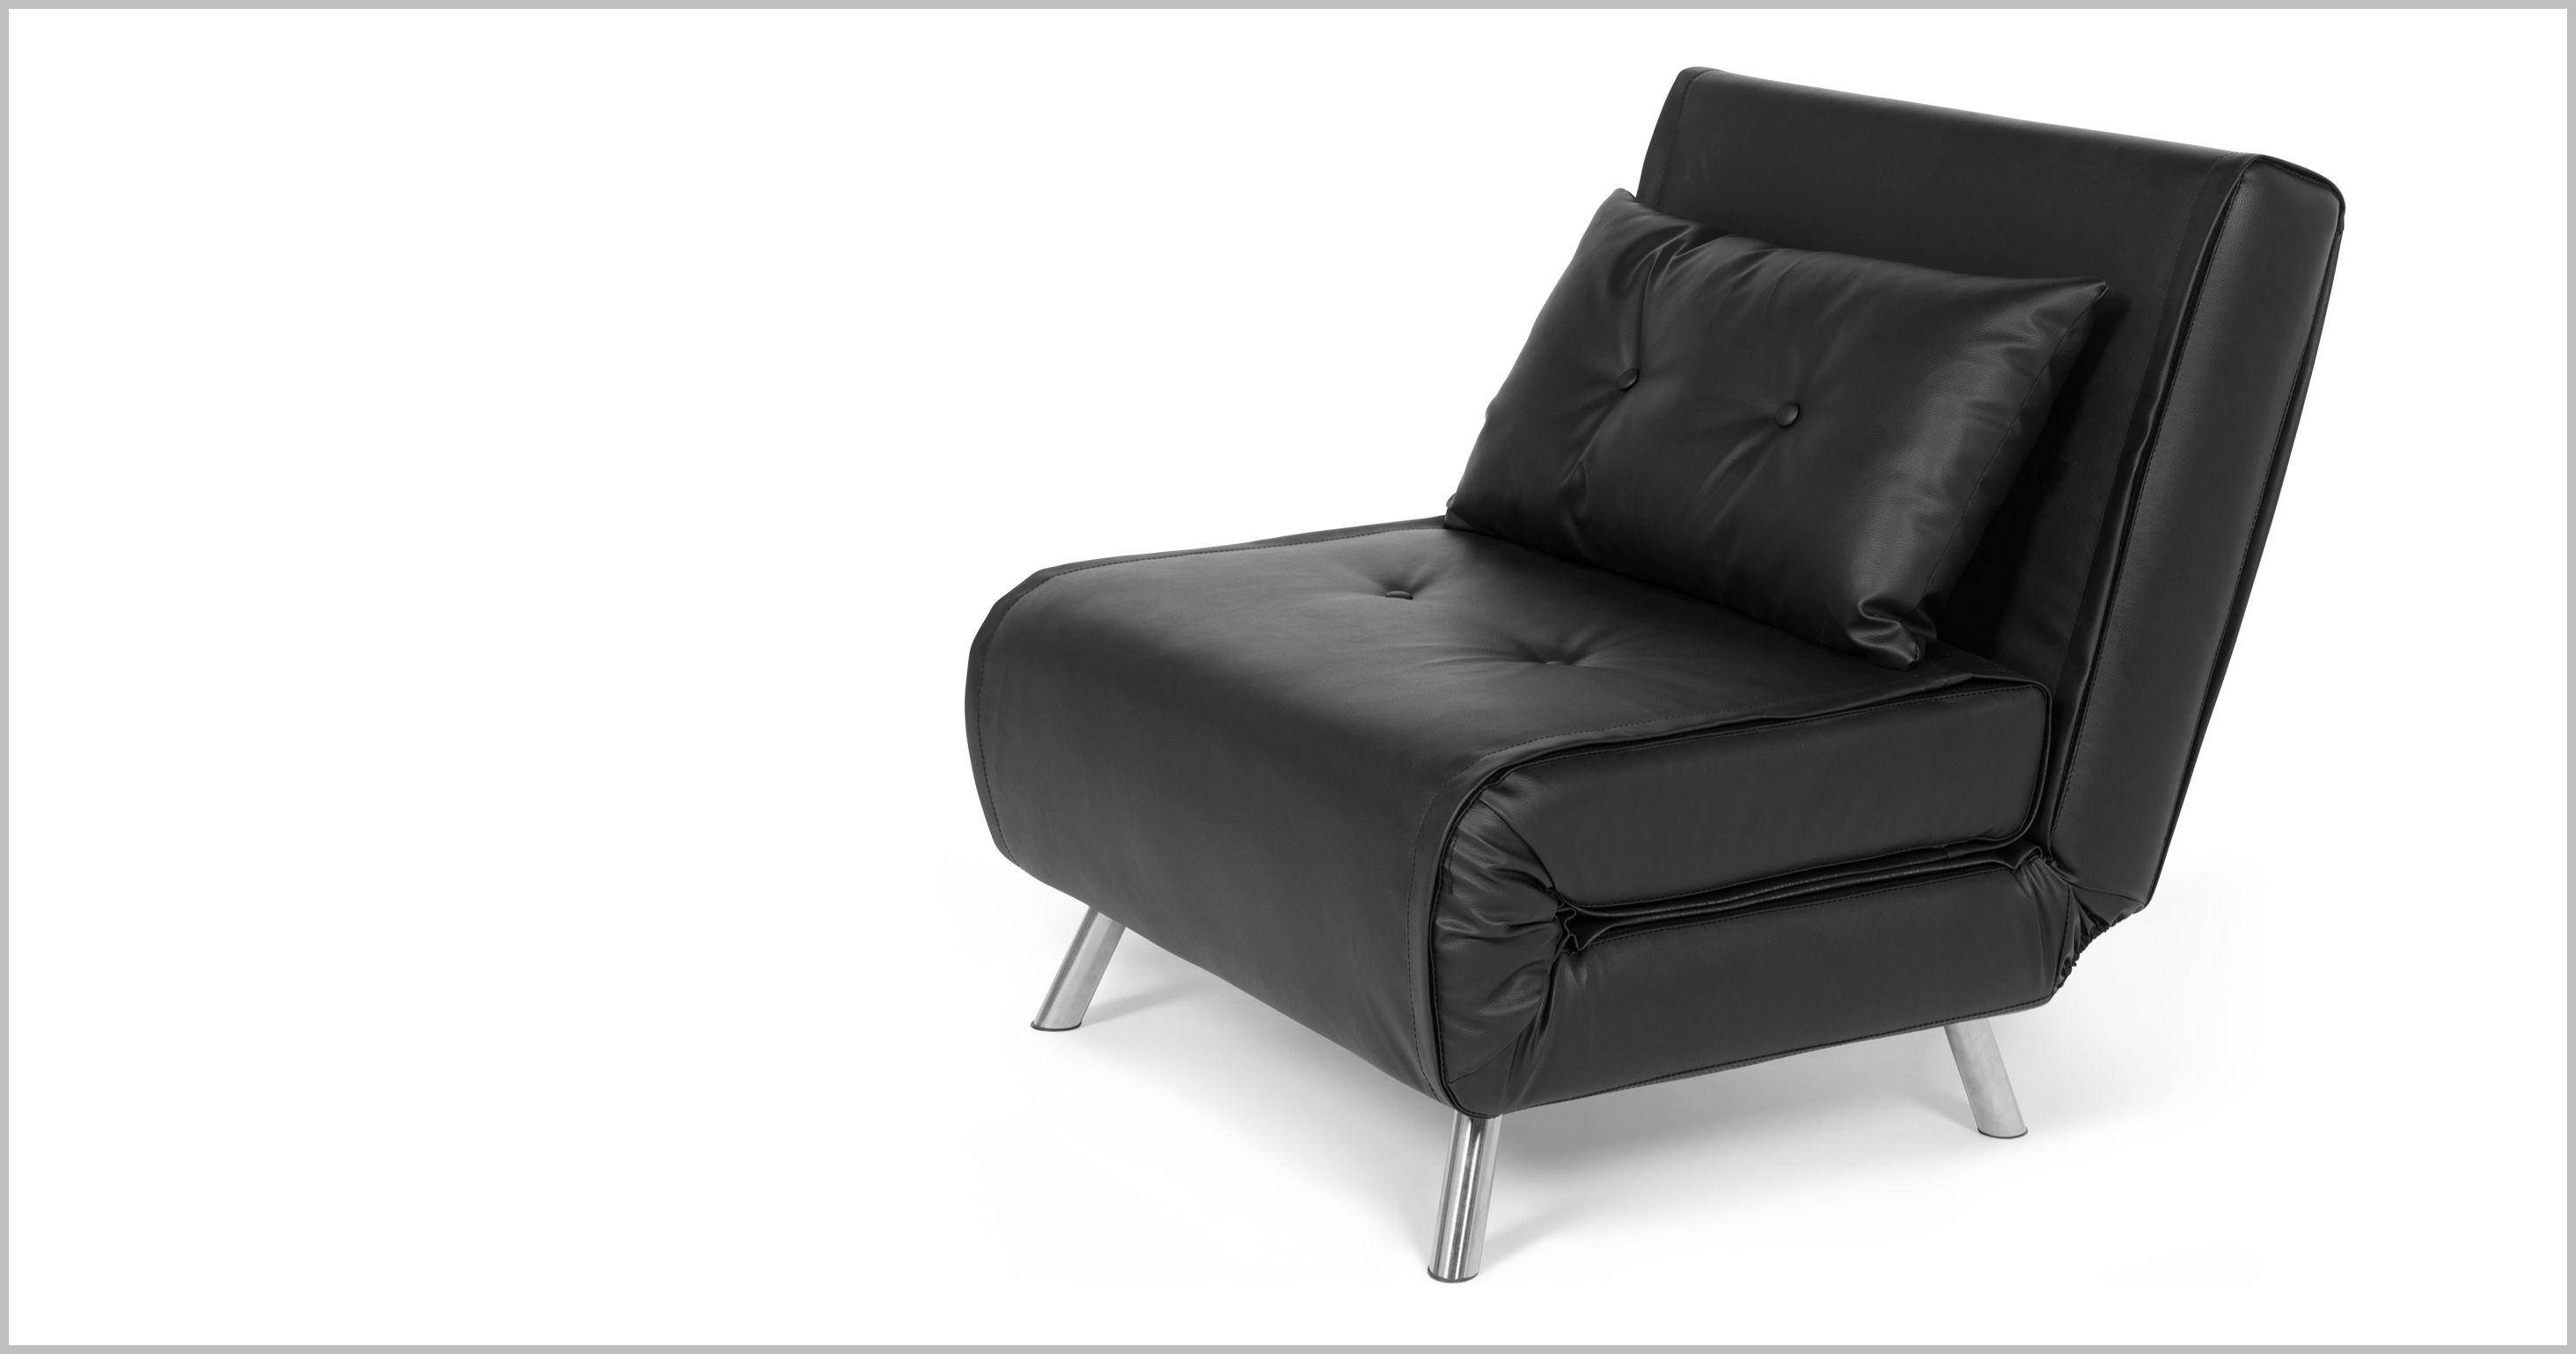 34 Reference Of Sofa Single Black In 2020 Single Sofa Bed Single Sofa Single Sofa Chair